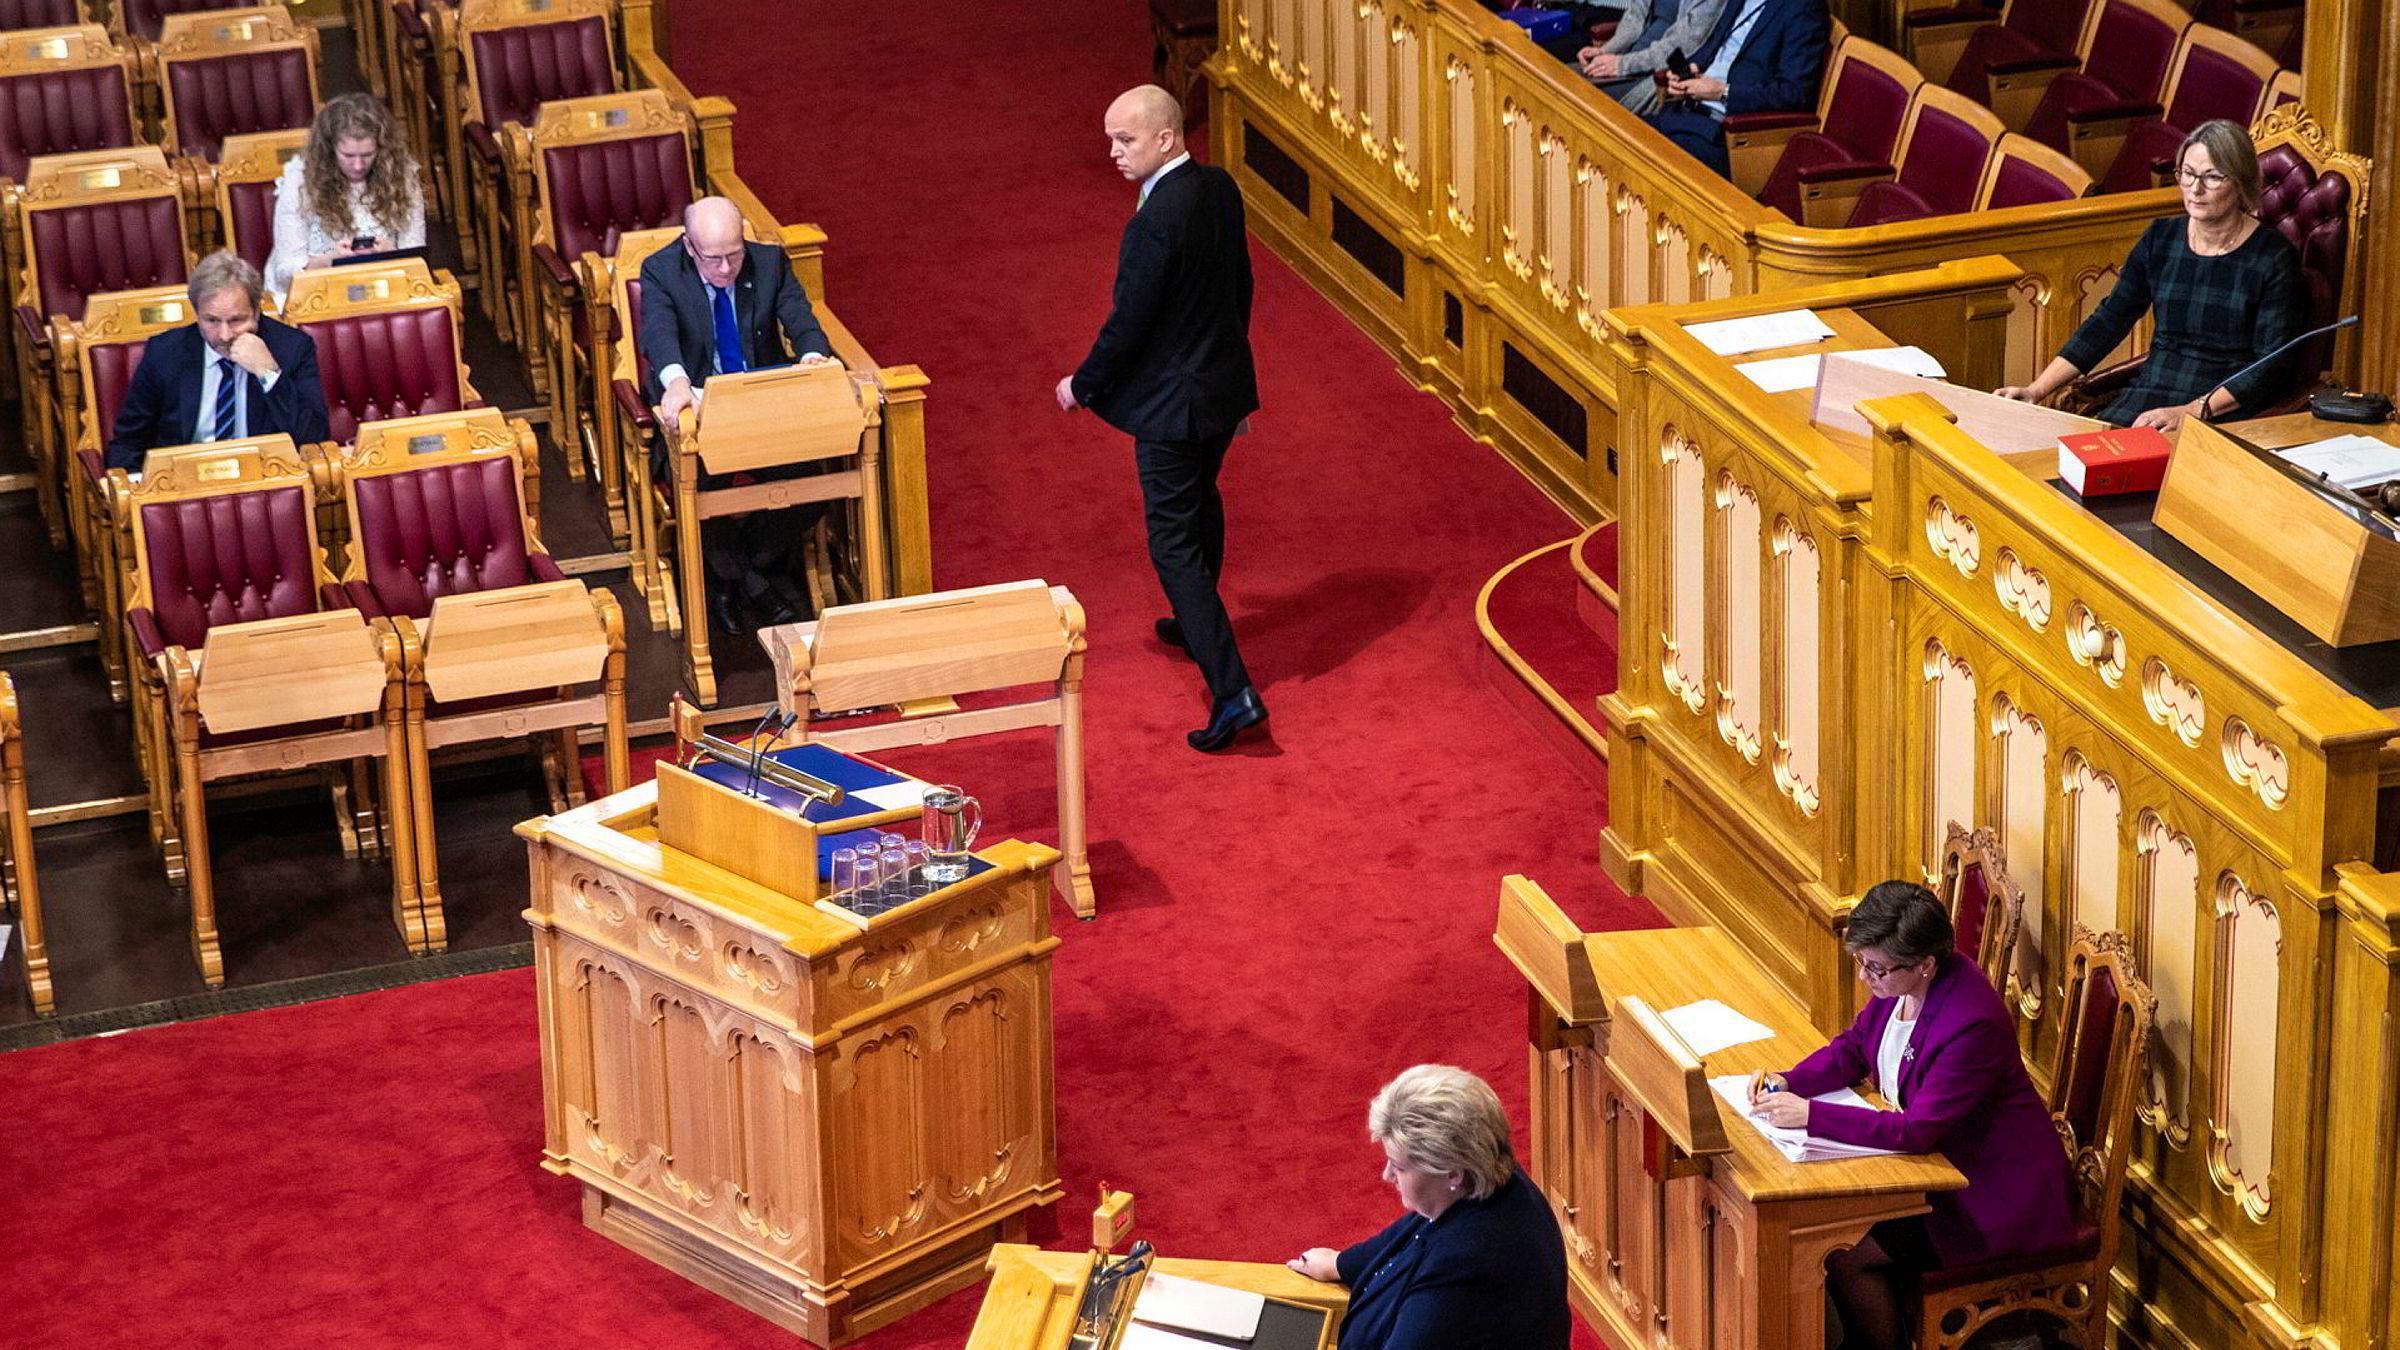 Senterparti-leder Trygve Slagsvold Vedum utfordret statsminister Erna Solberg om handelsbalansen under finansdebatten i Stortinget.